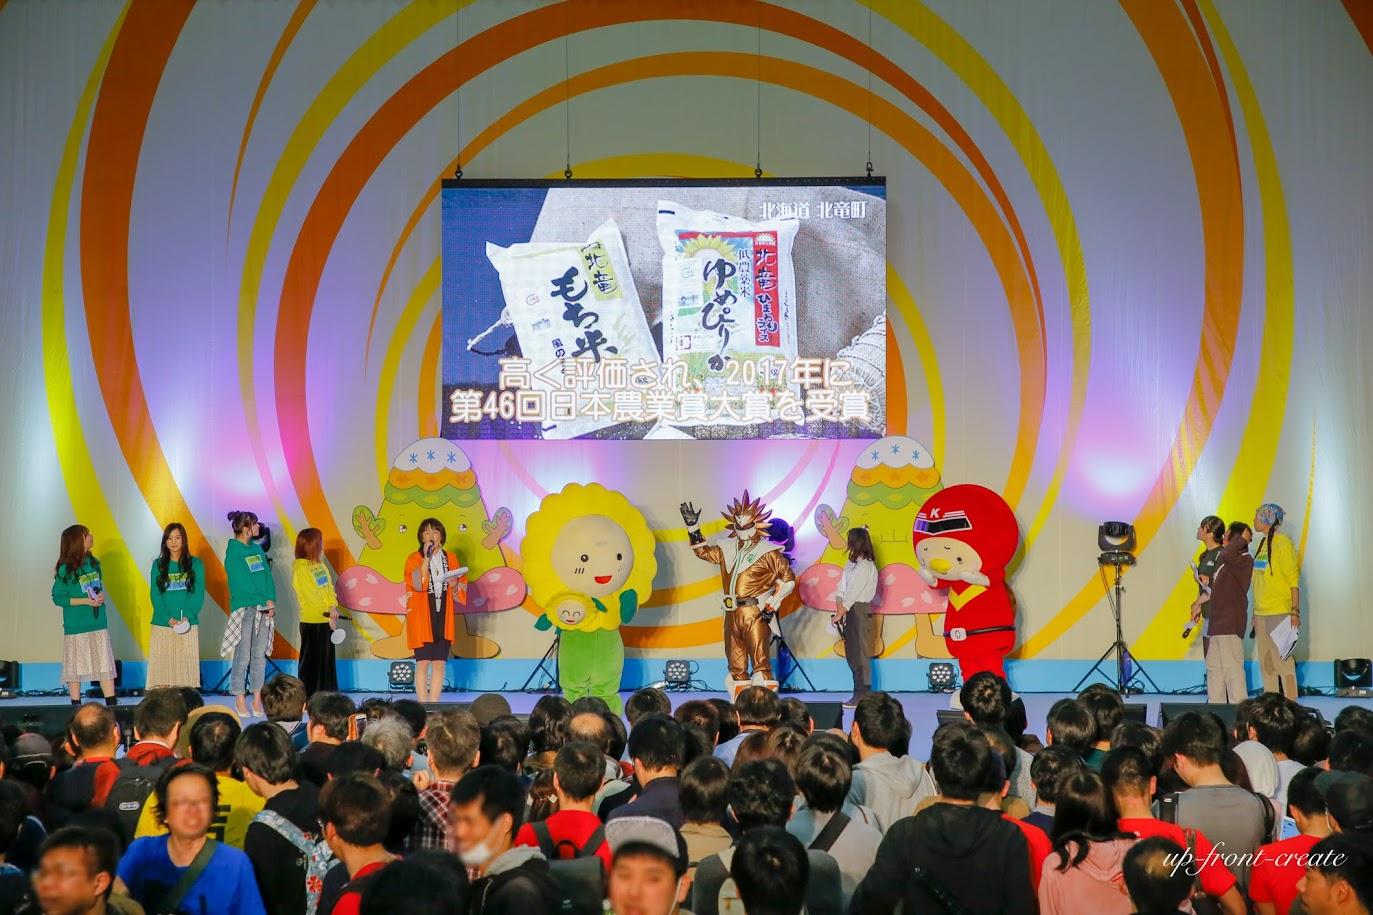 第46回日本農業賞大賞受賞(写真提供:アップフロントクリエイト)